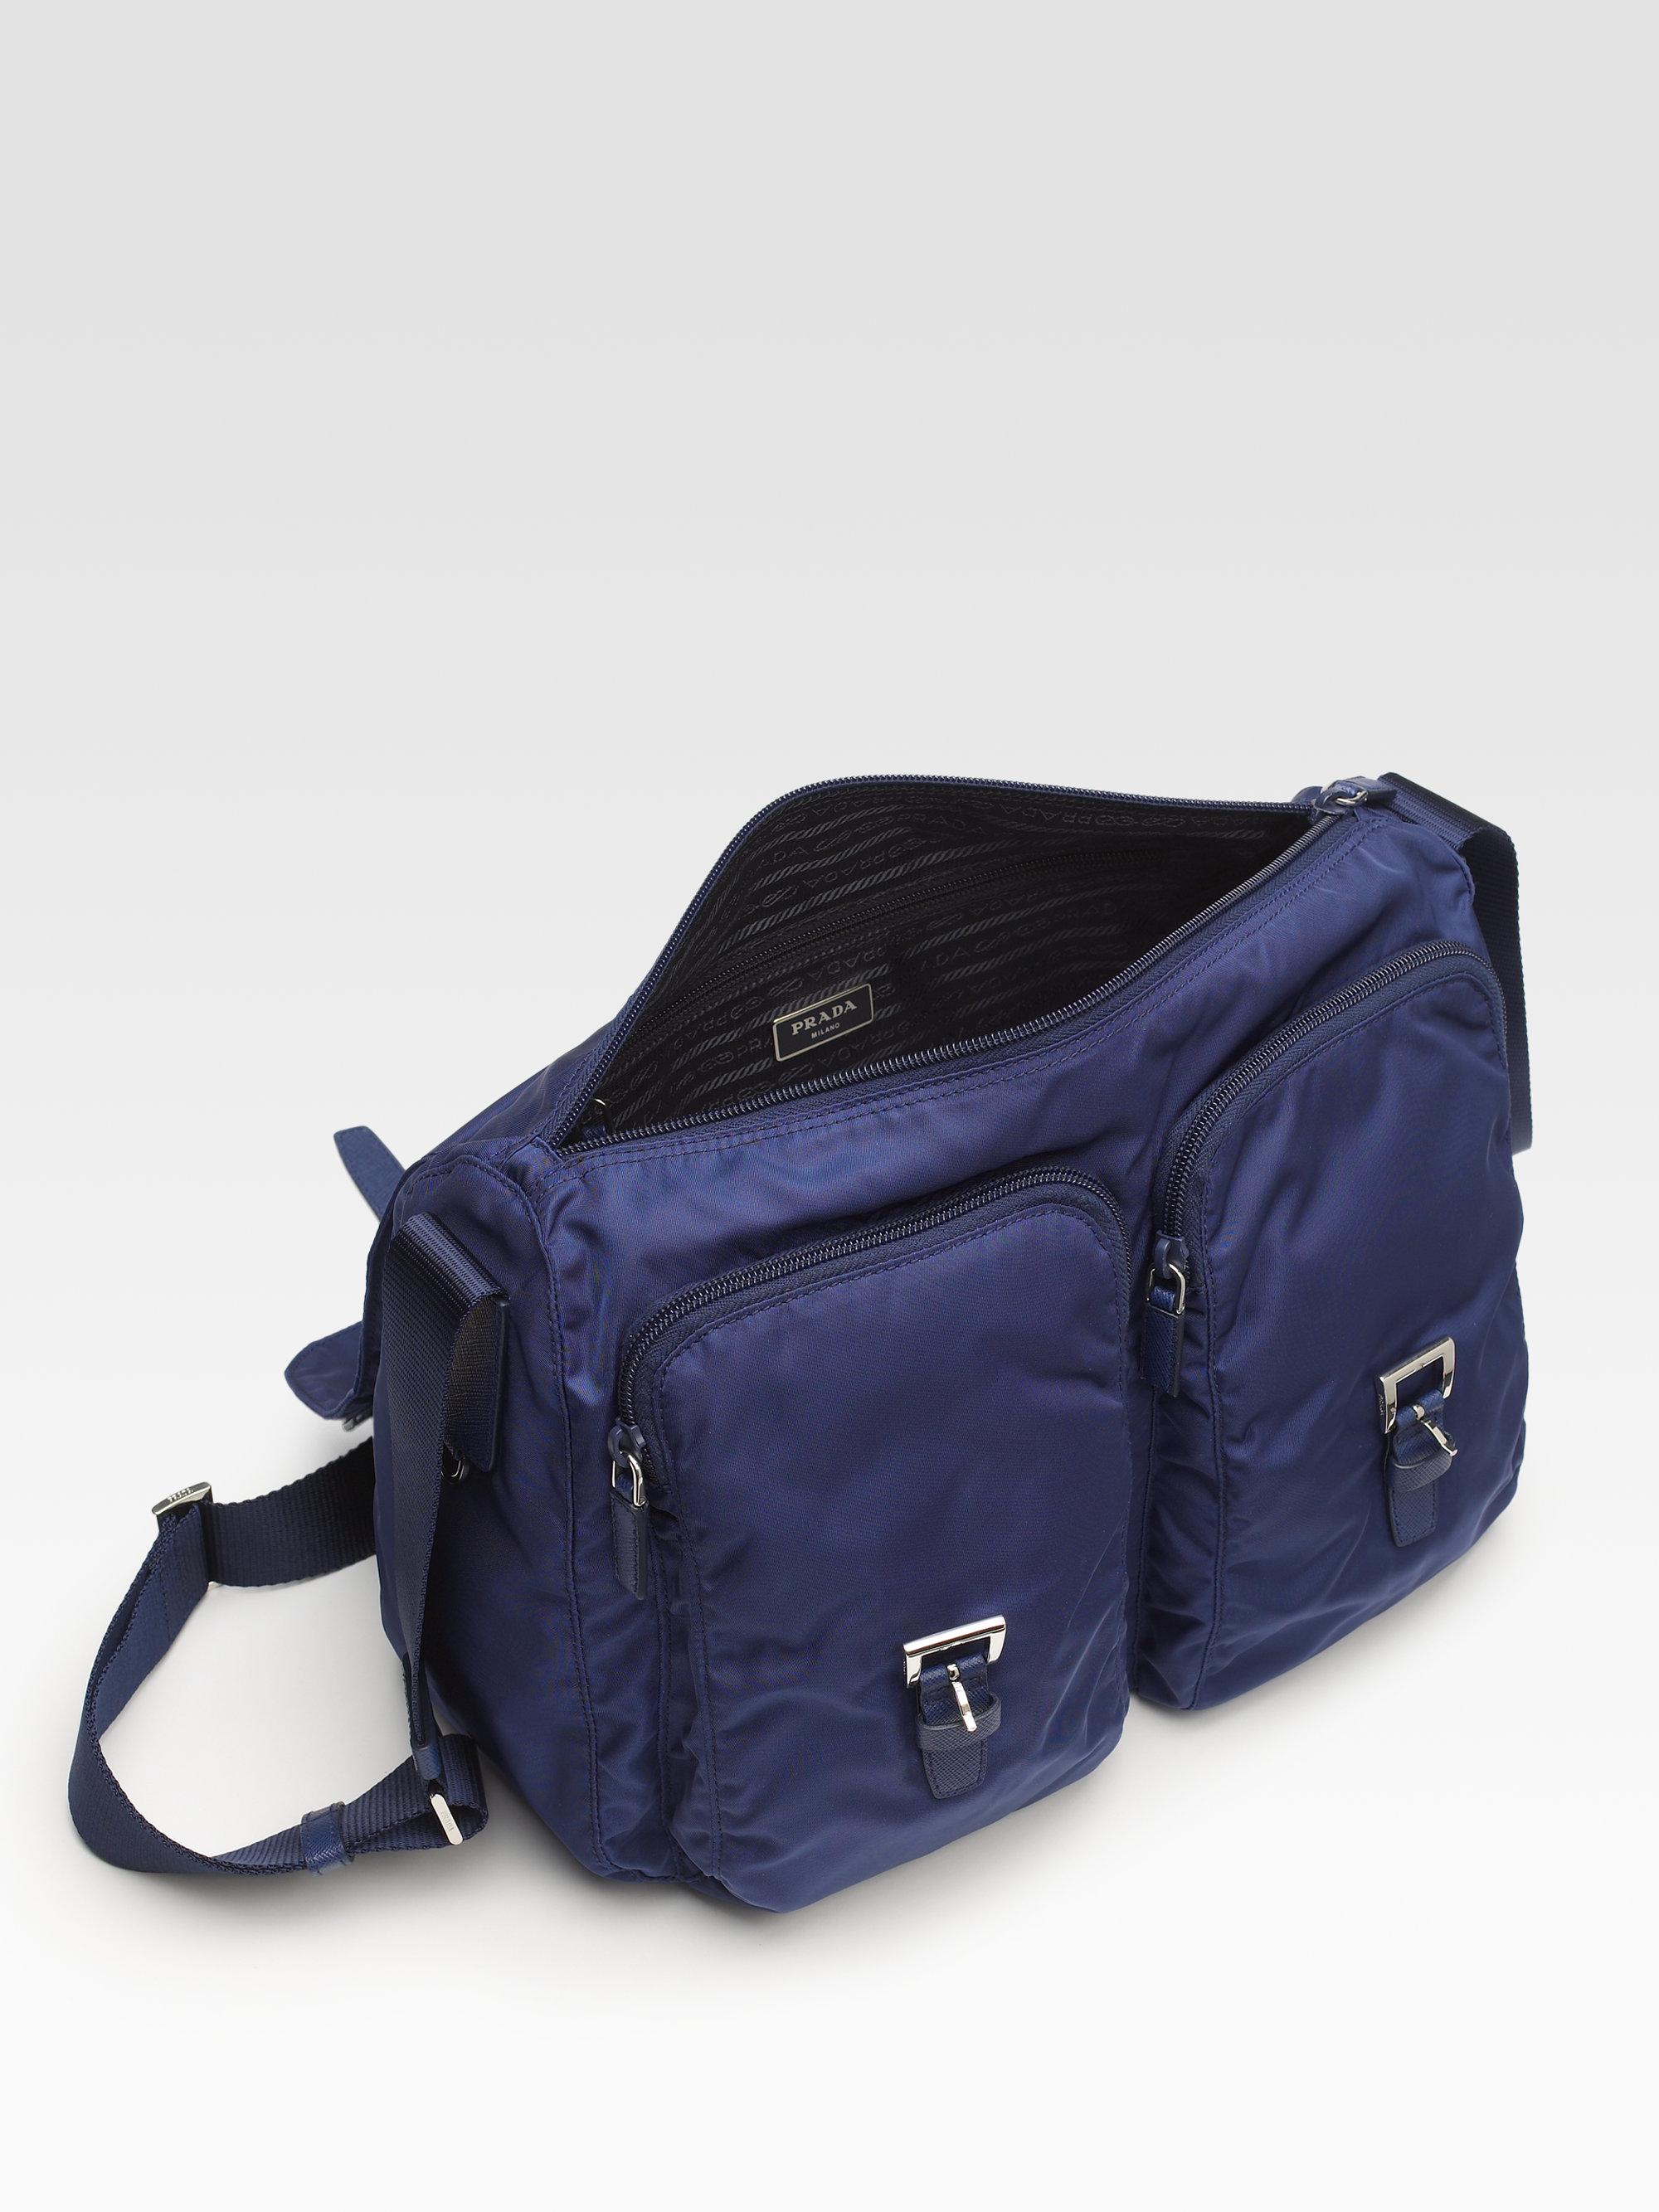 3d42153b1d19 Prada Vela Two-pocket Messenger Bag in Black for Men - Lyst